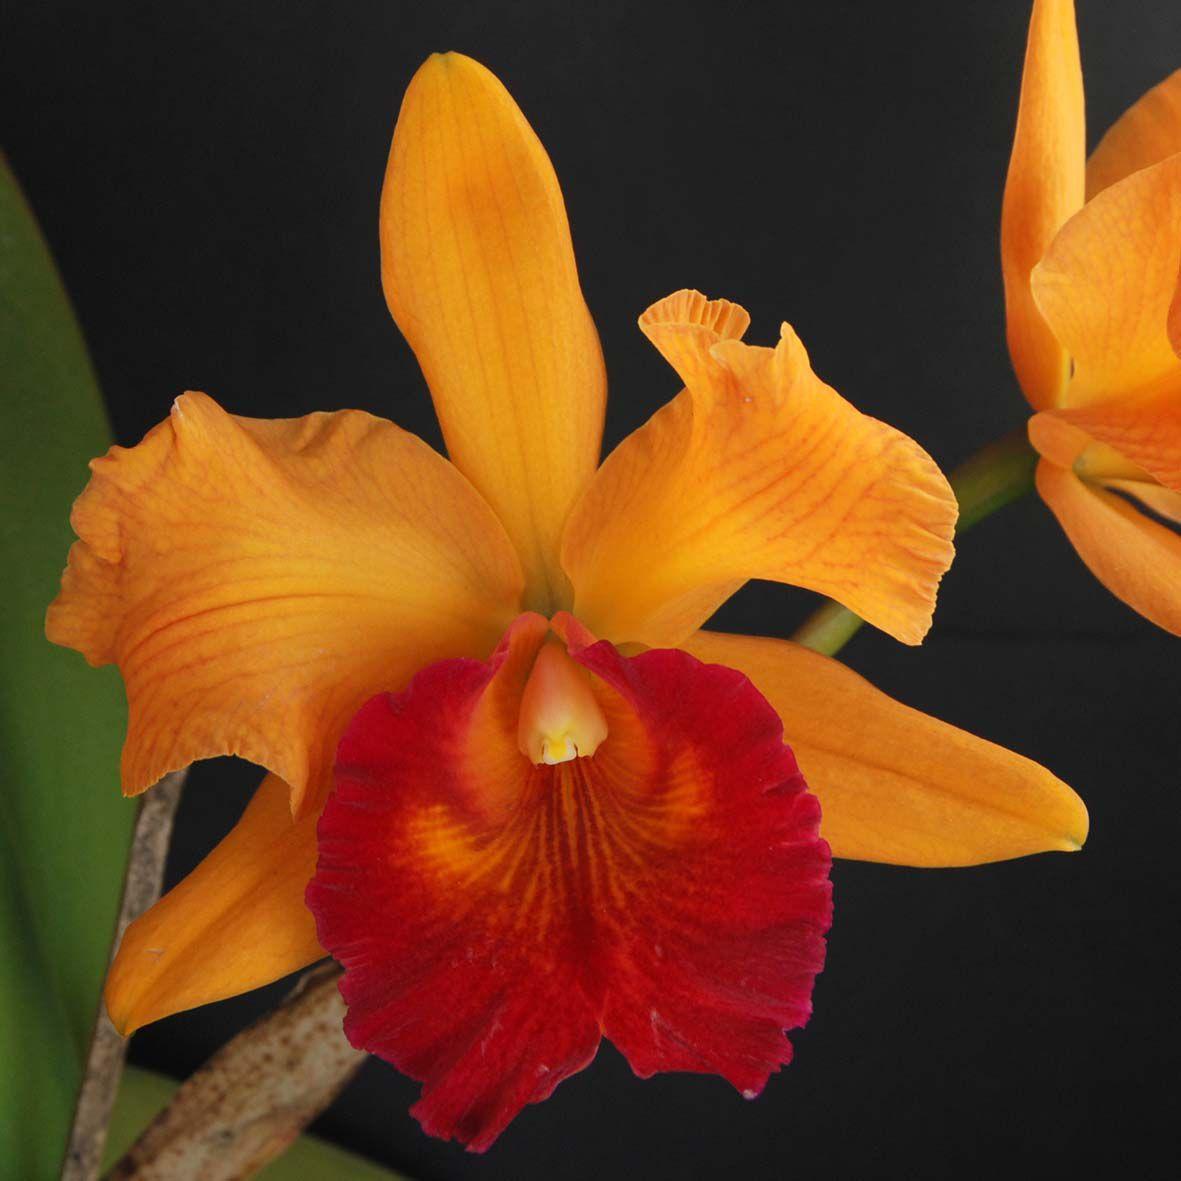 Lc. crepe suzette x Blc. goldenzelle